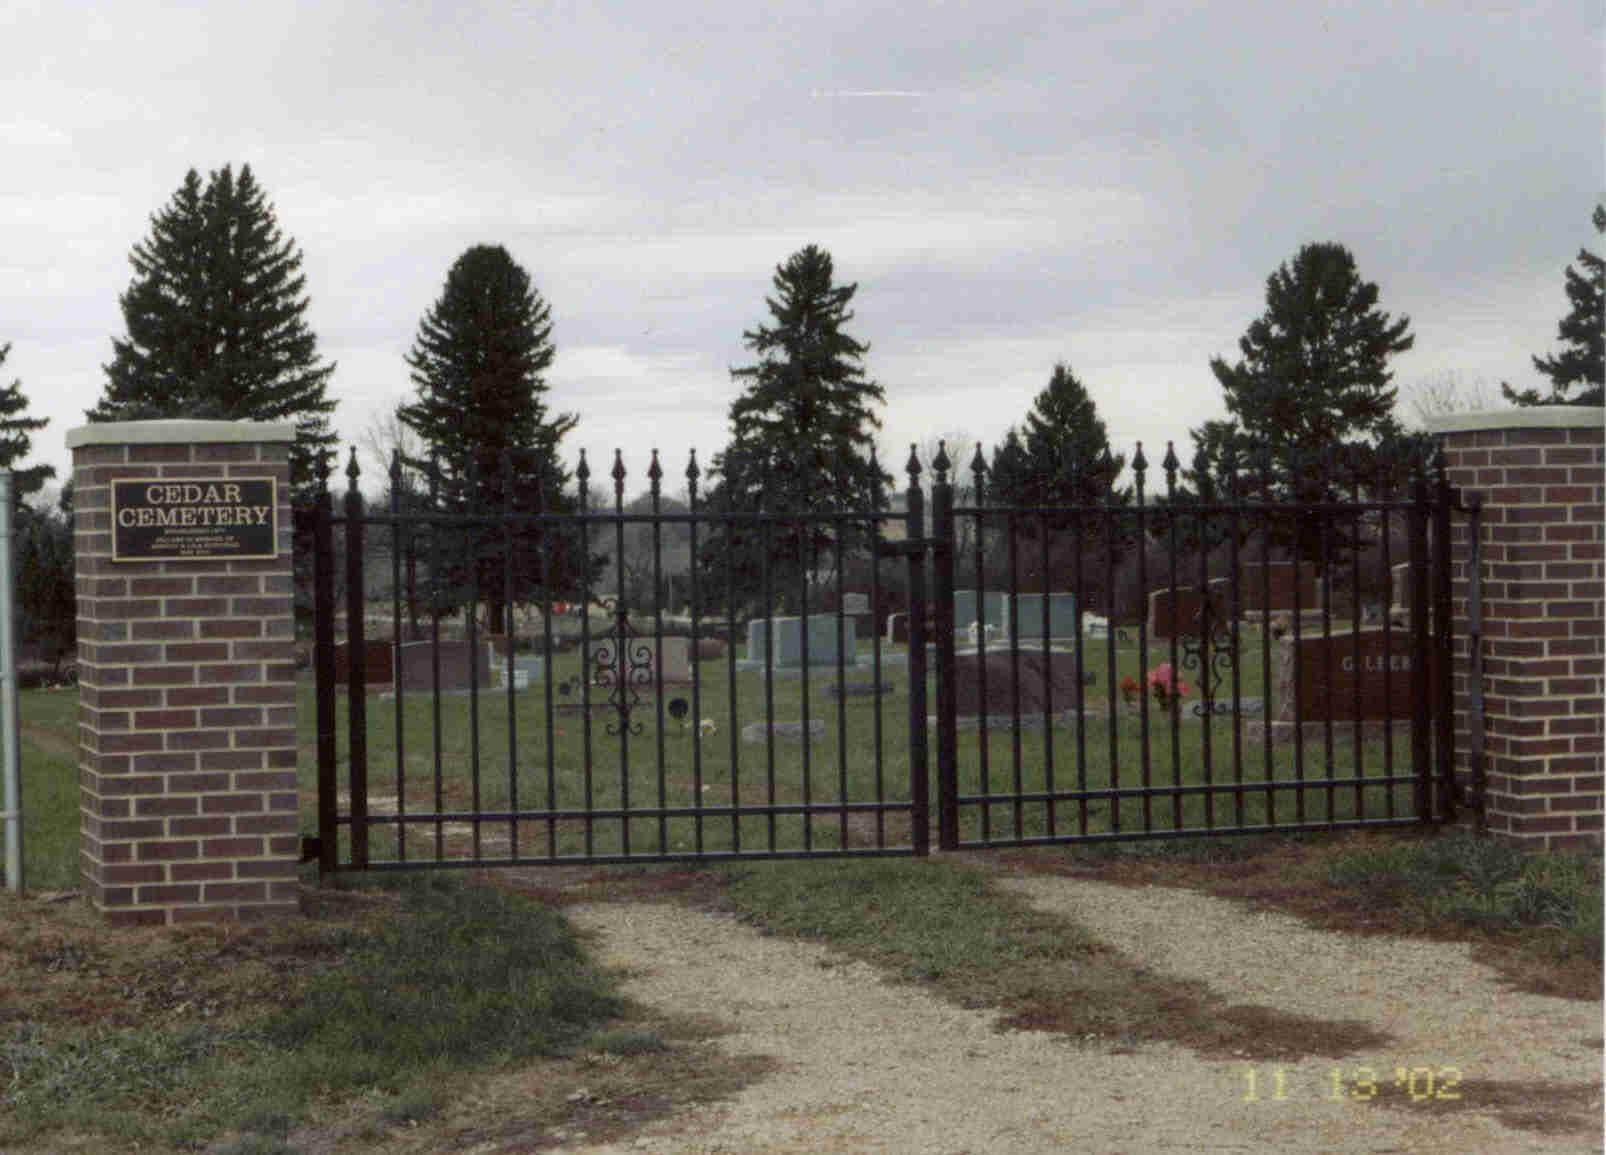 Entrance to Cedar Cemetery